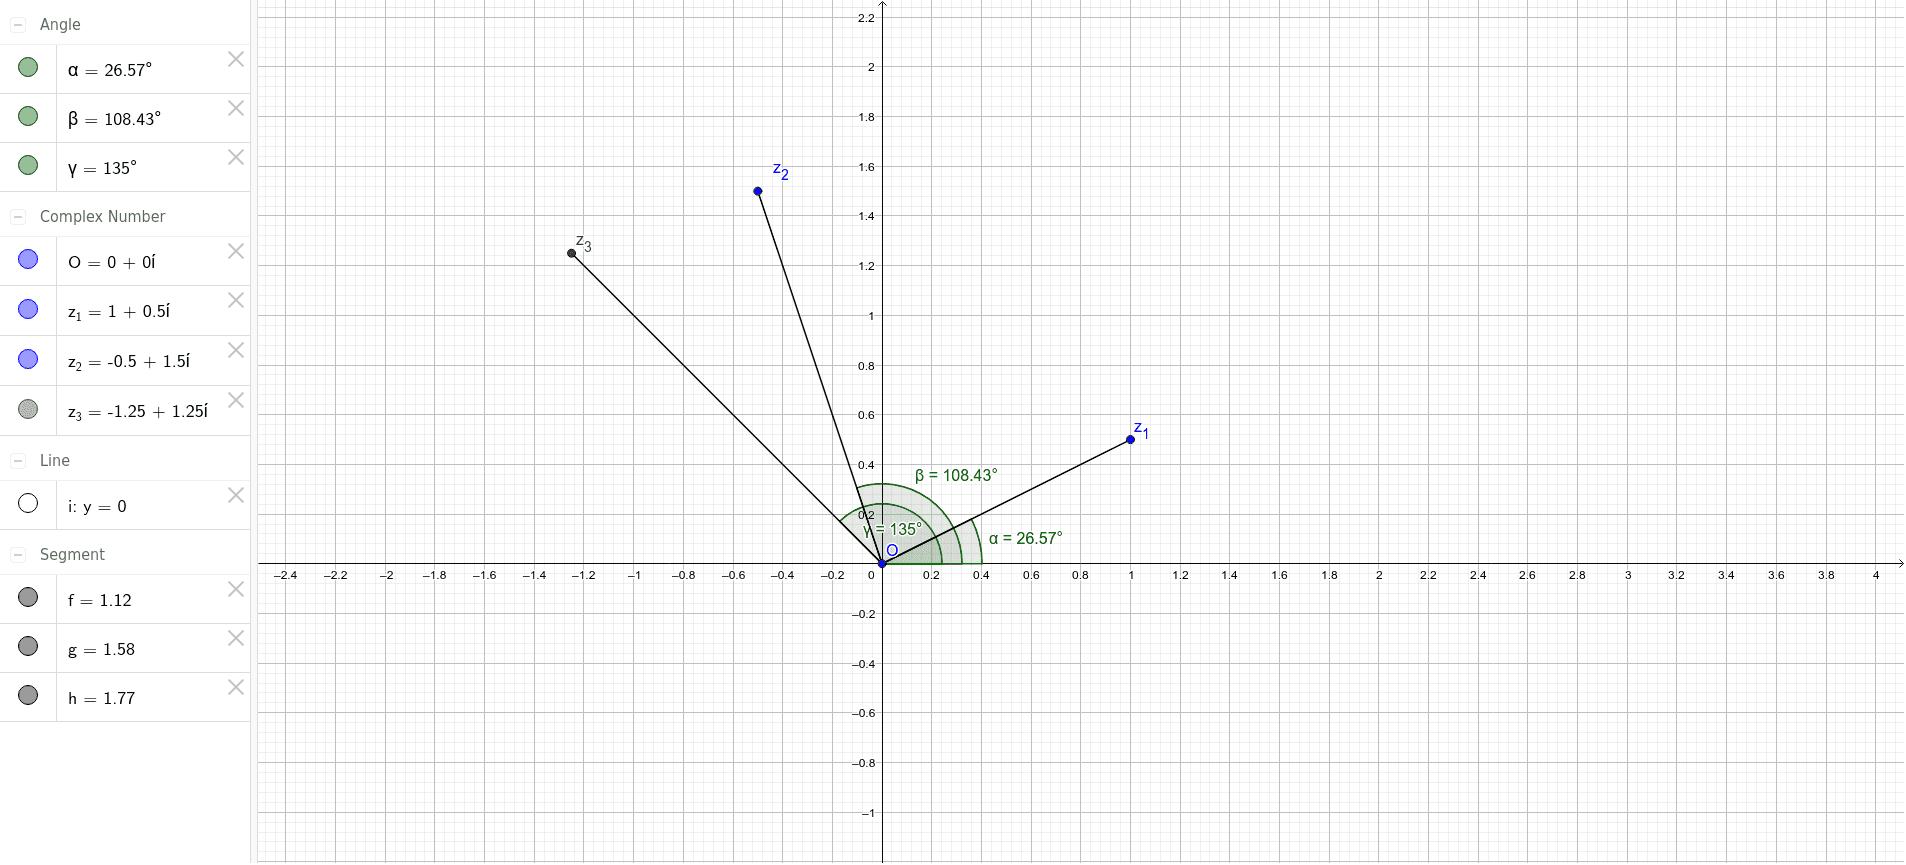 Verplaats z_1 en/of z_2 en kijk naar de verandering van z_3 Klik op Enter om de activiteit te starten